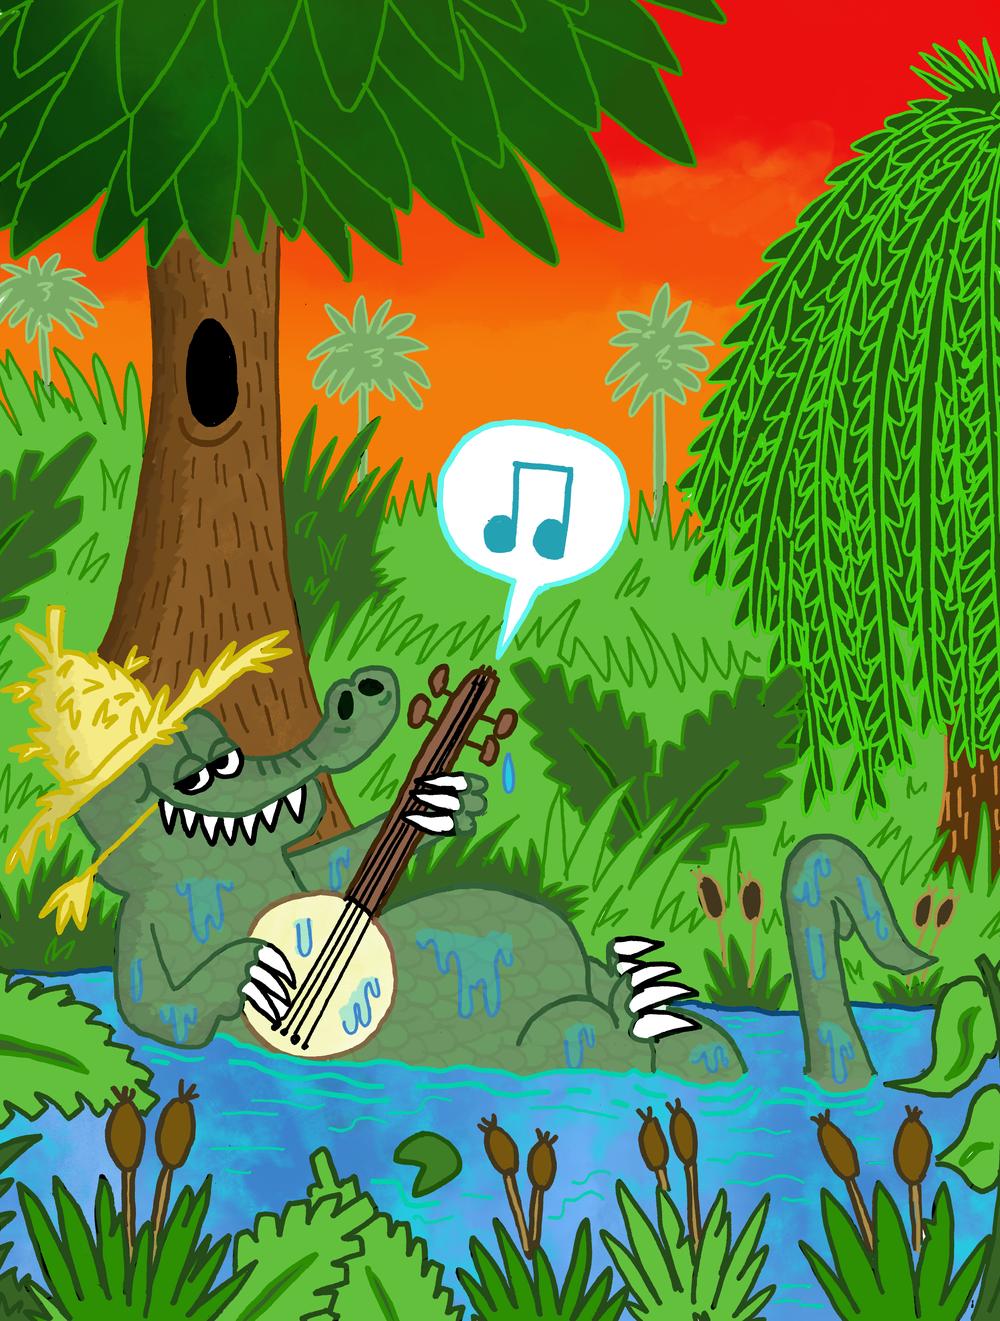 swampgator.png